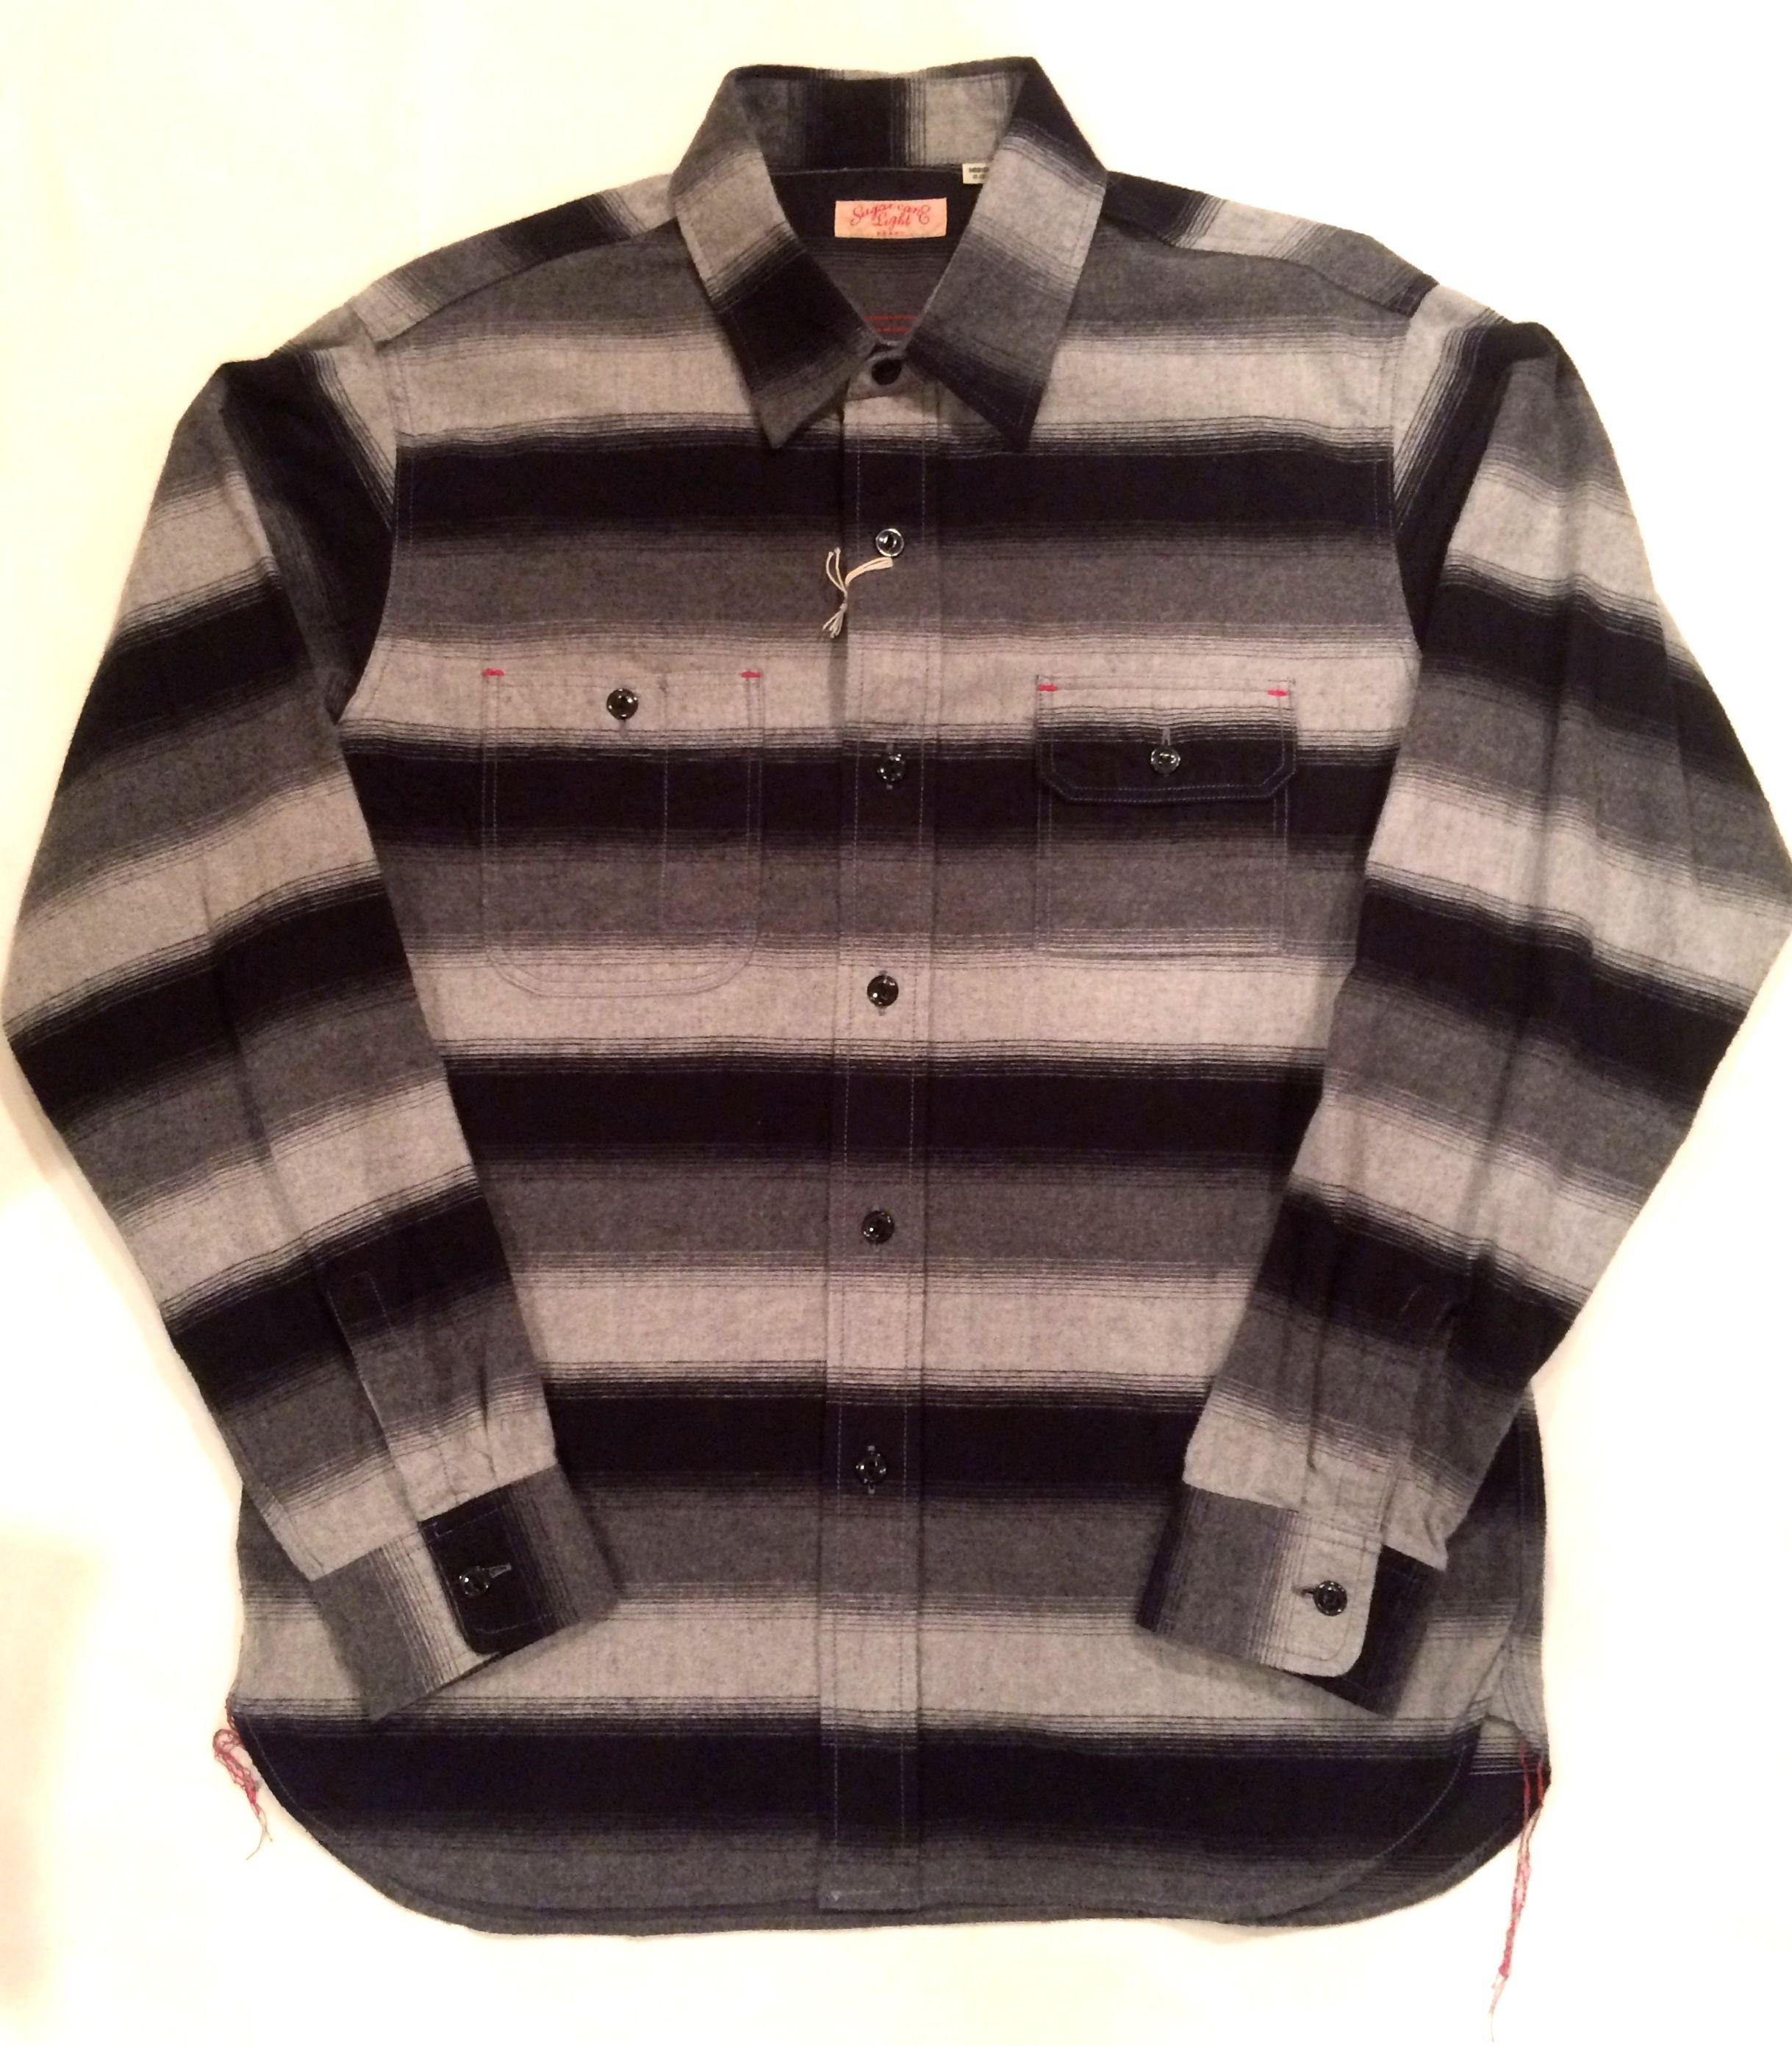 SUGAR CANE LIGHT シュガーケーンライト SC27727 SHAGGY BORDER WORK SHIRTS シャギーボーダーワークシャツ ブラック×グレイ